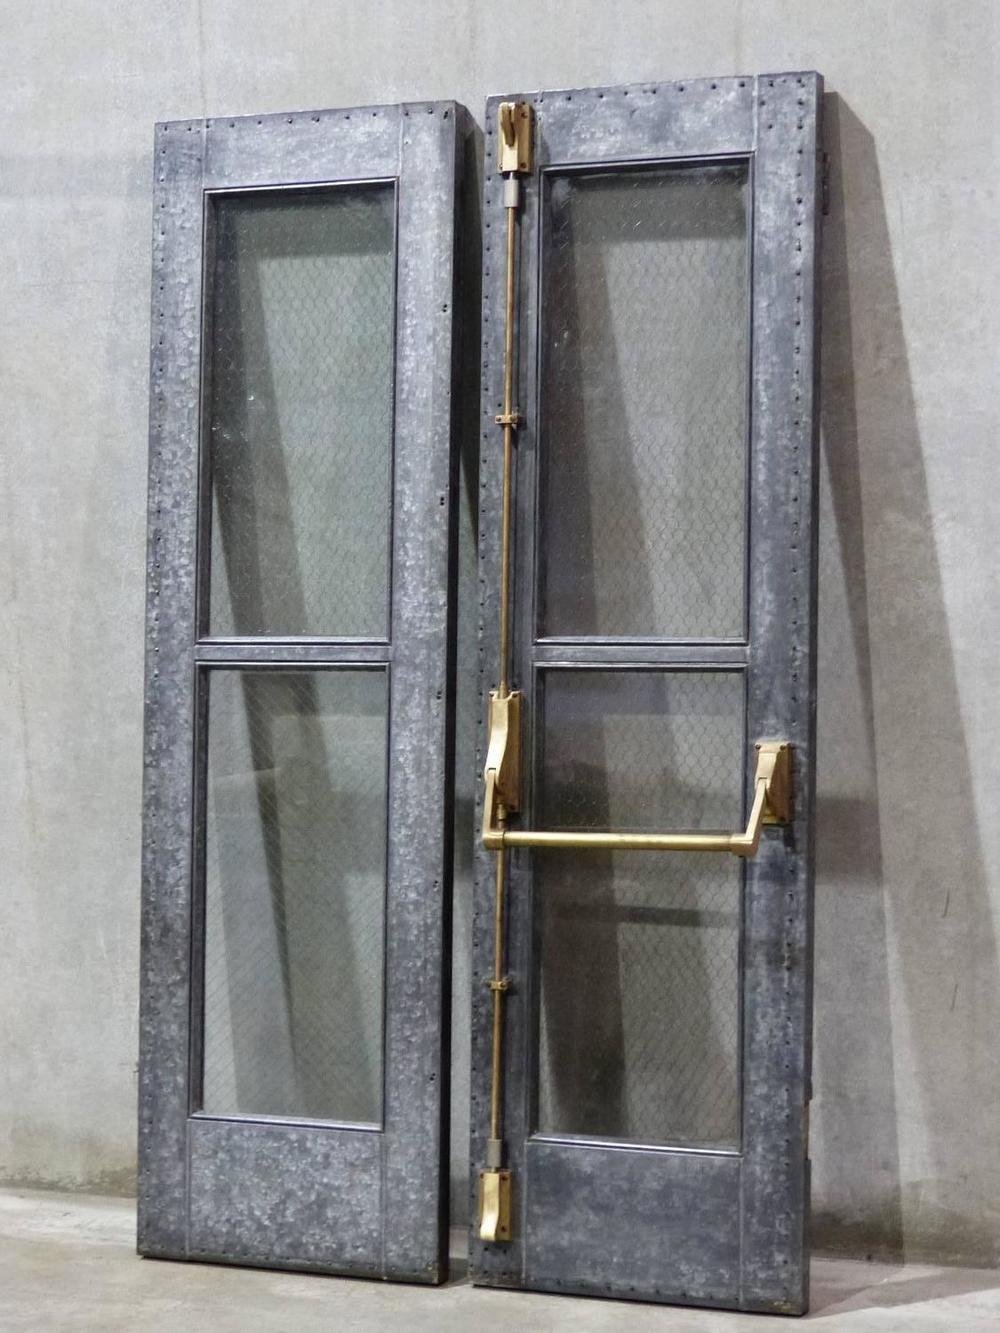 Steel Chicken Wire Glass Doors